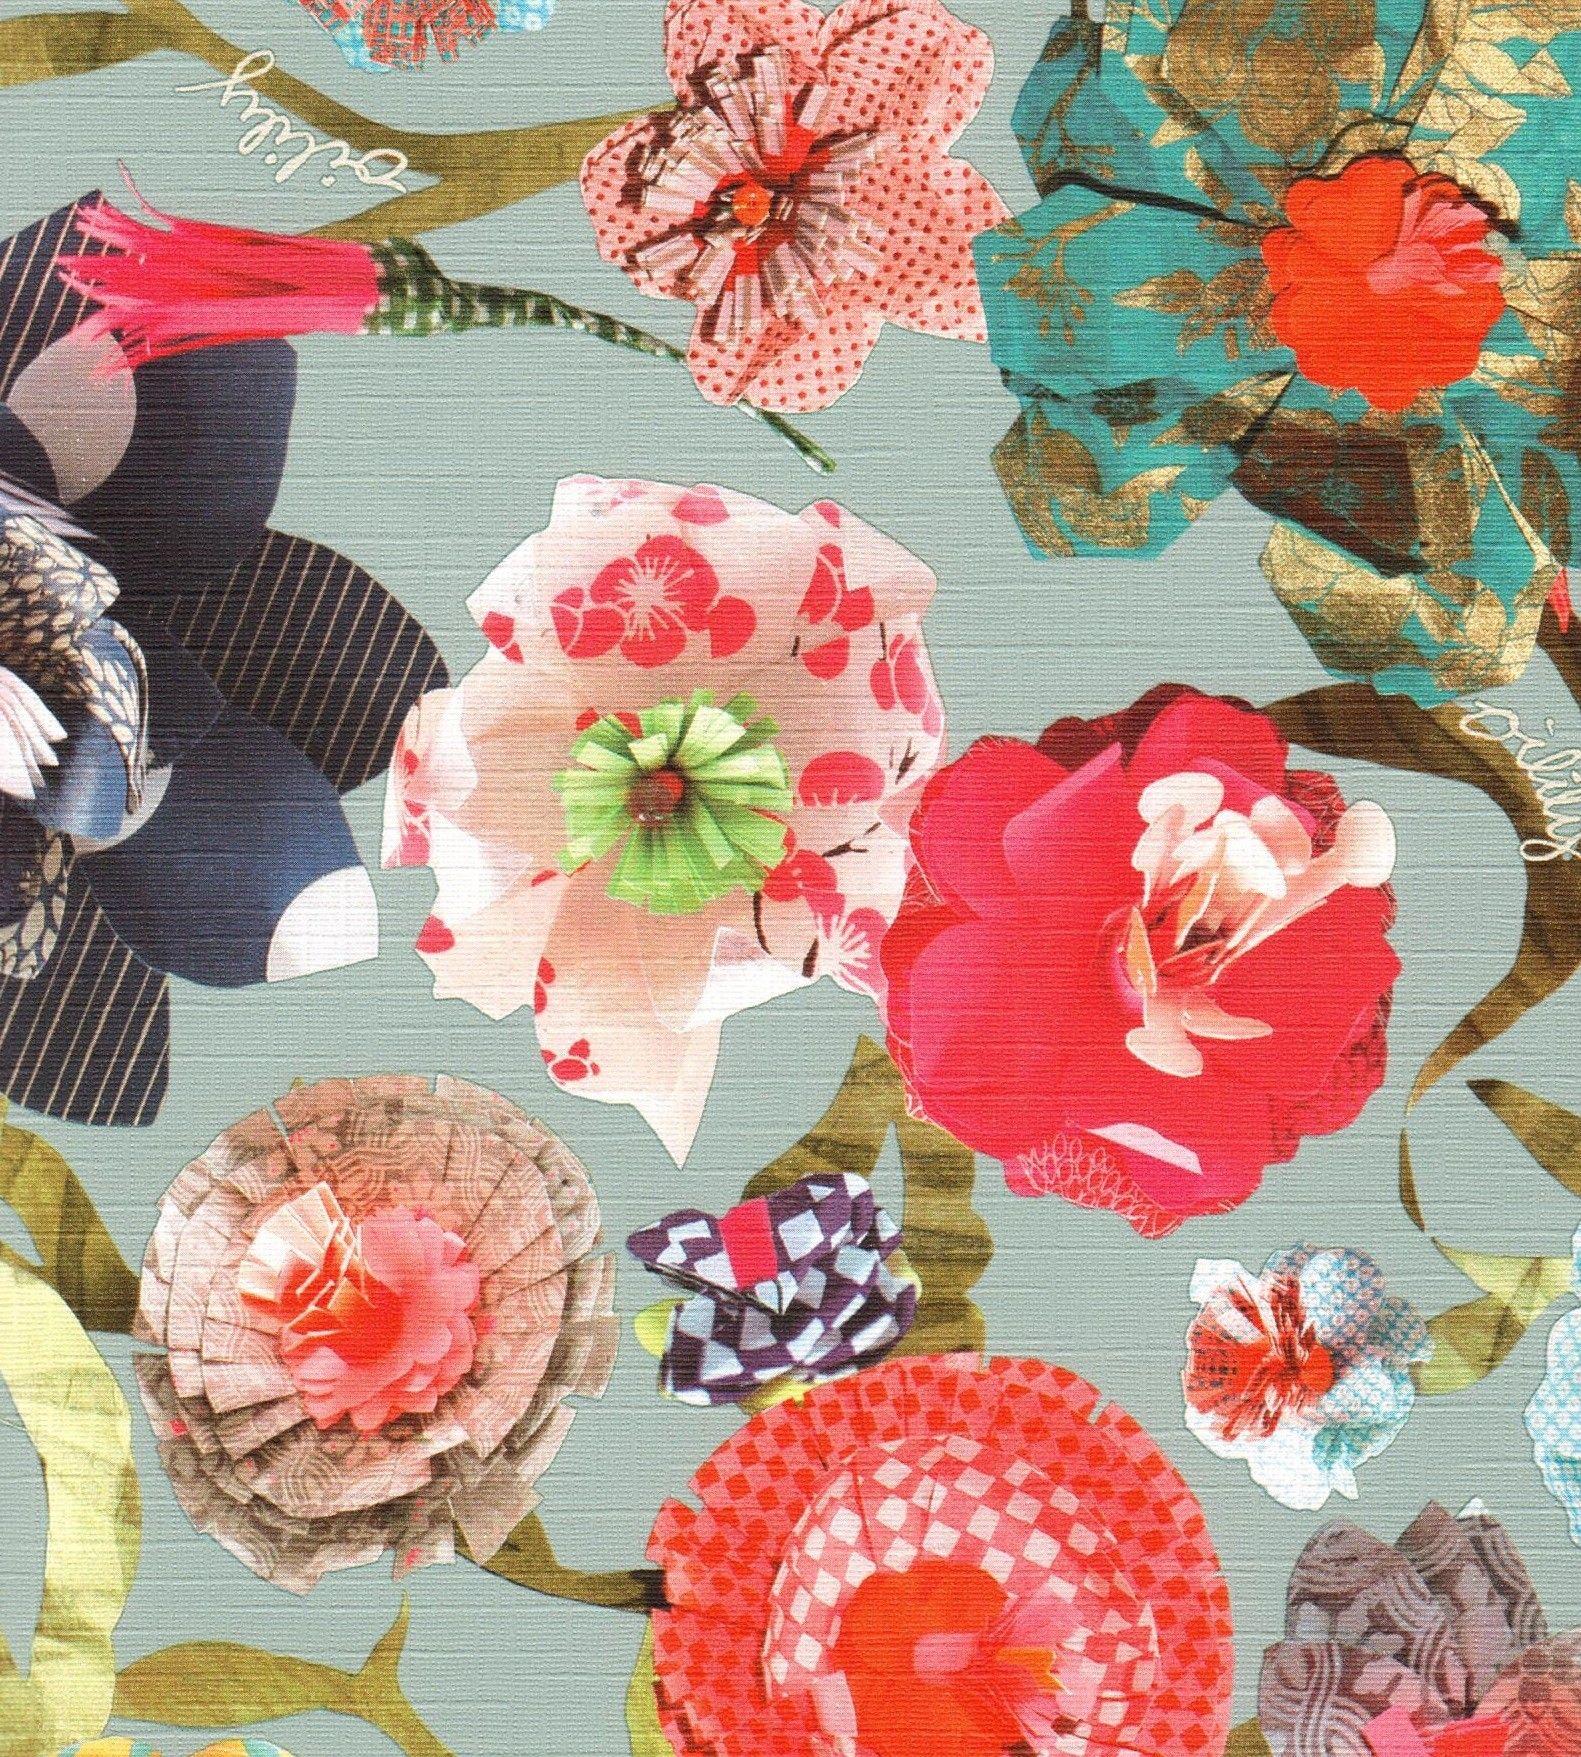 Oilily behang flowers 96121 2 online te bestellen bij oilily paper flowers behang oilily van as creation dhlflorist Image collections